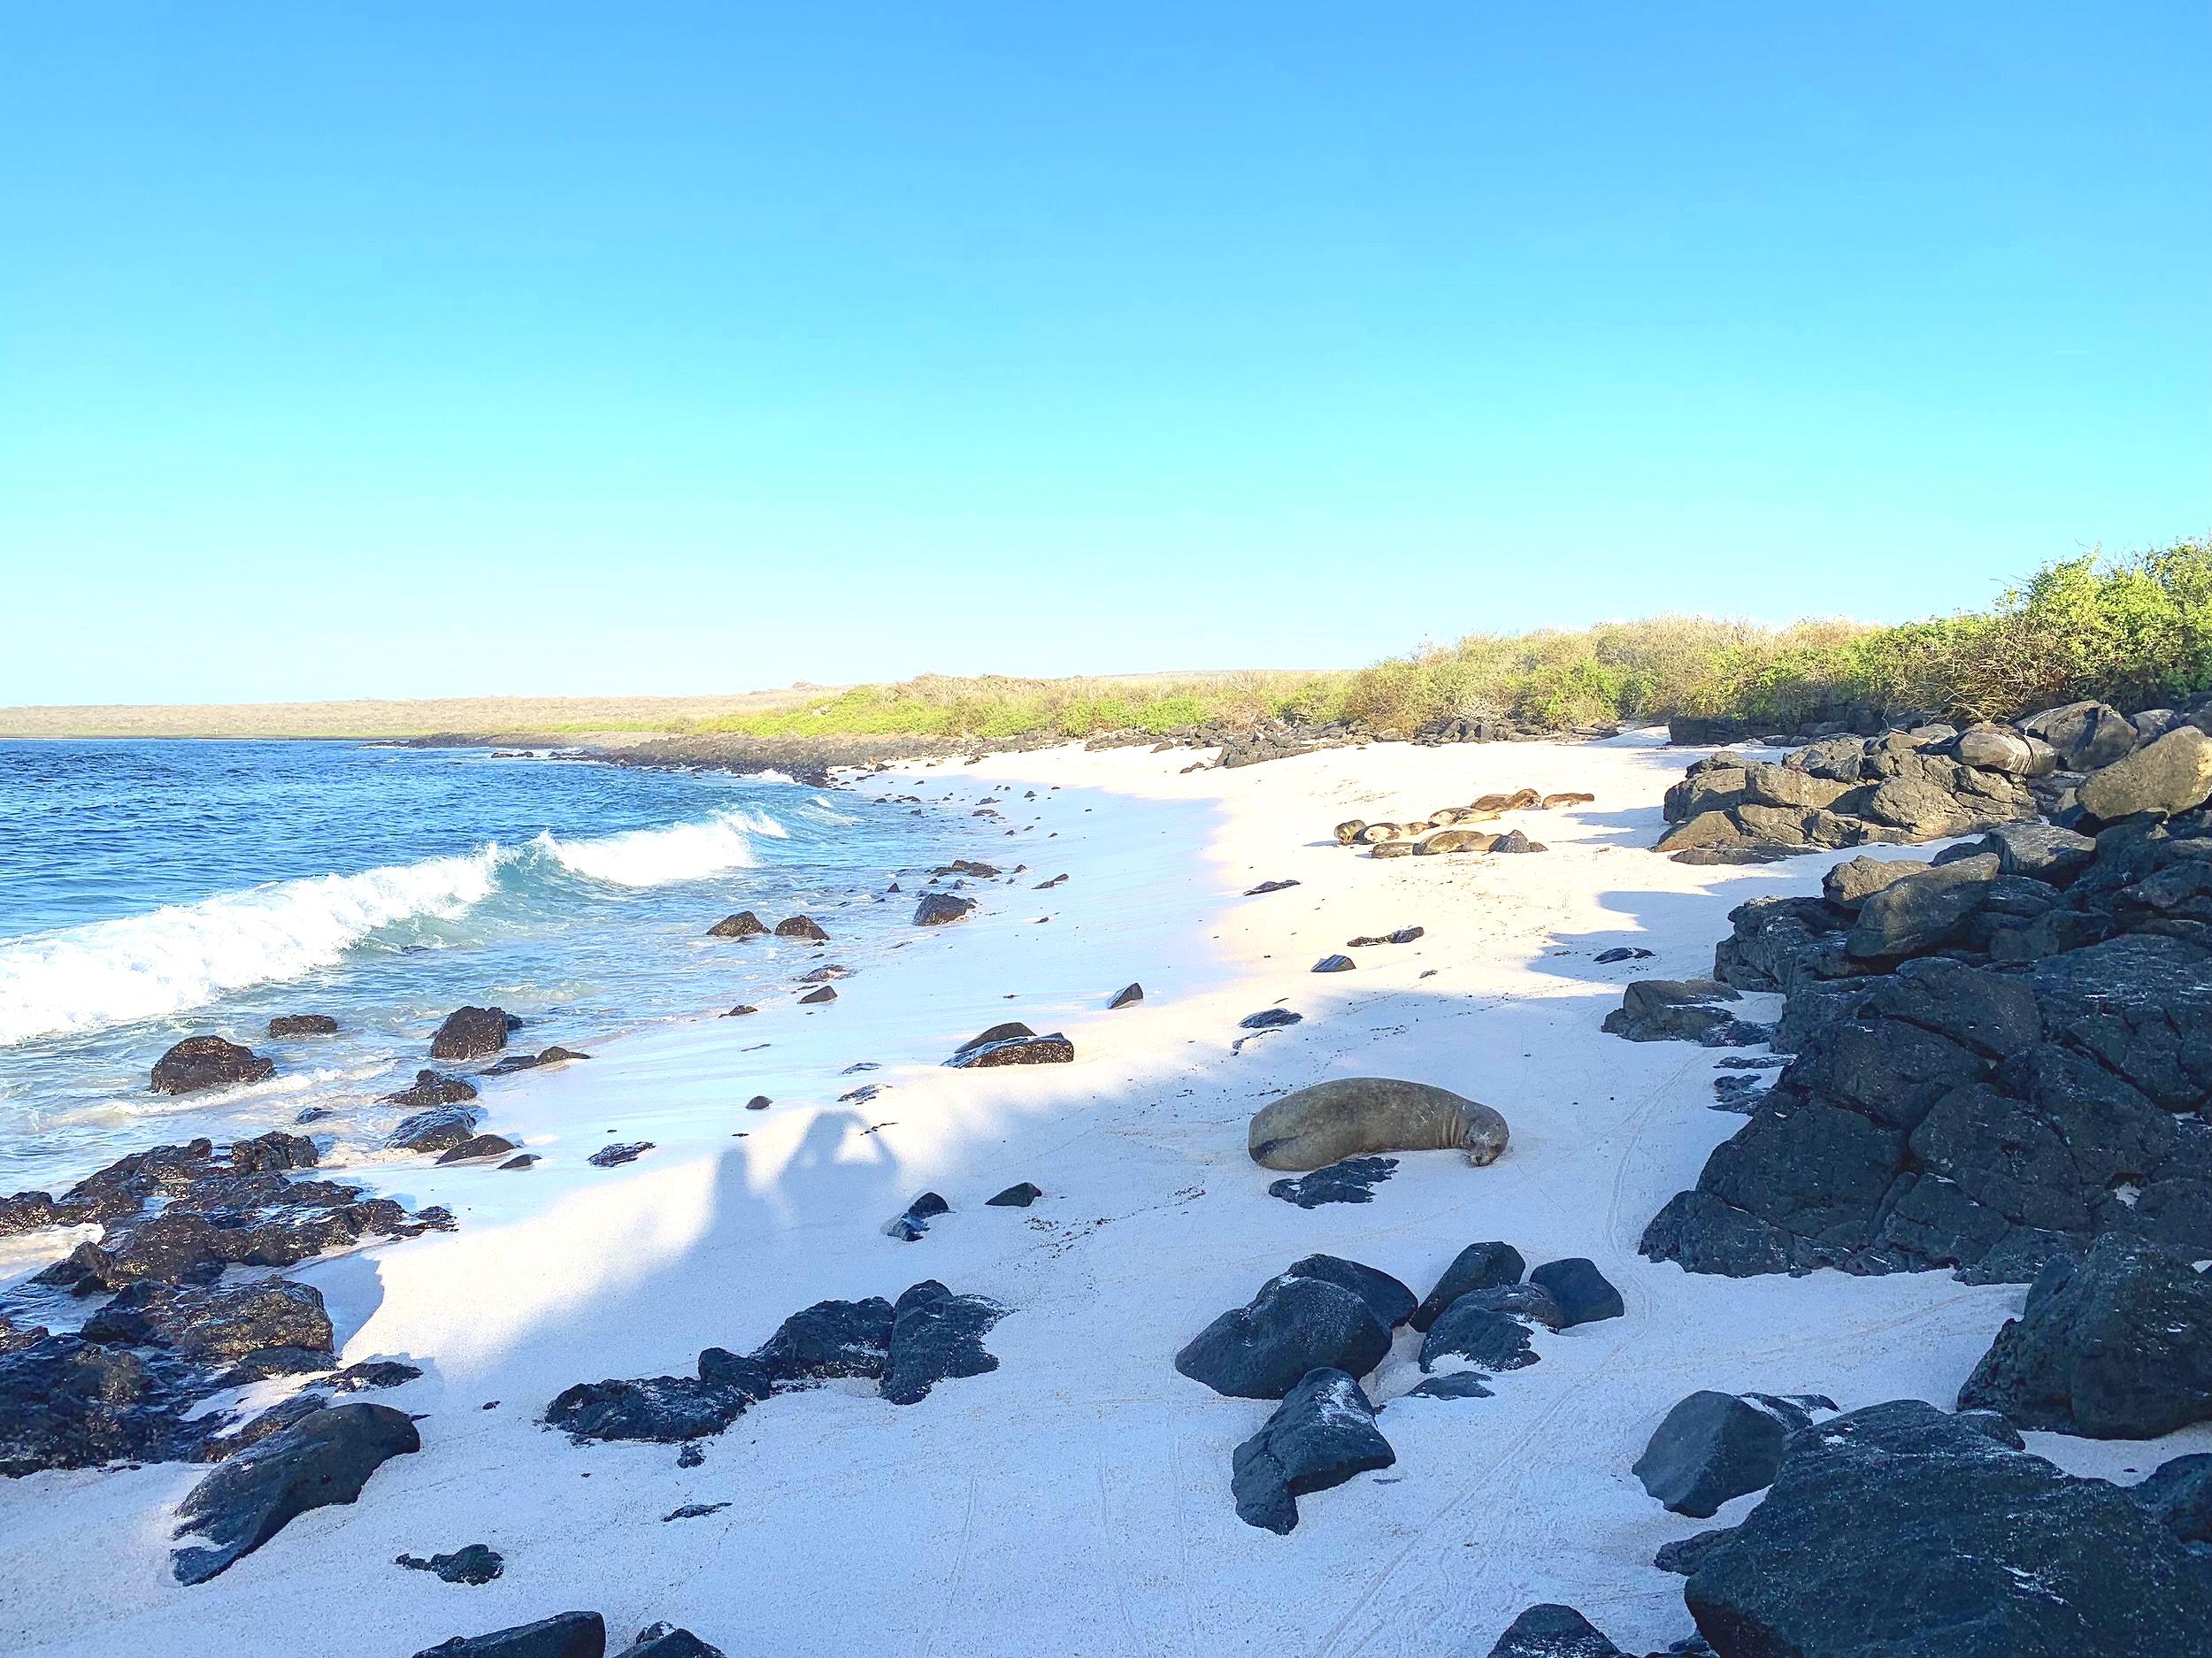 Sea-lion beach.